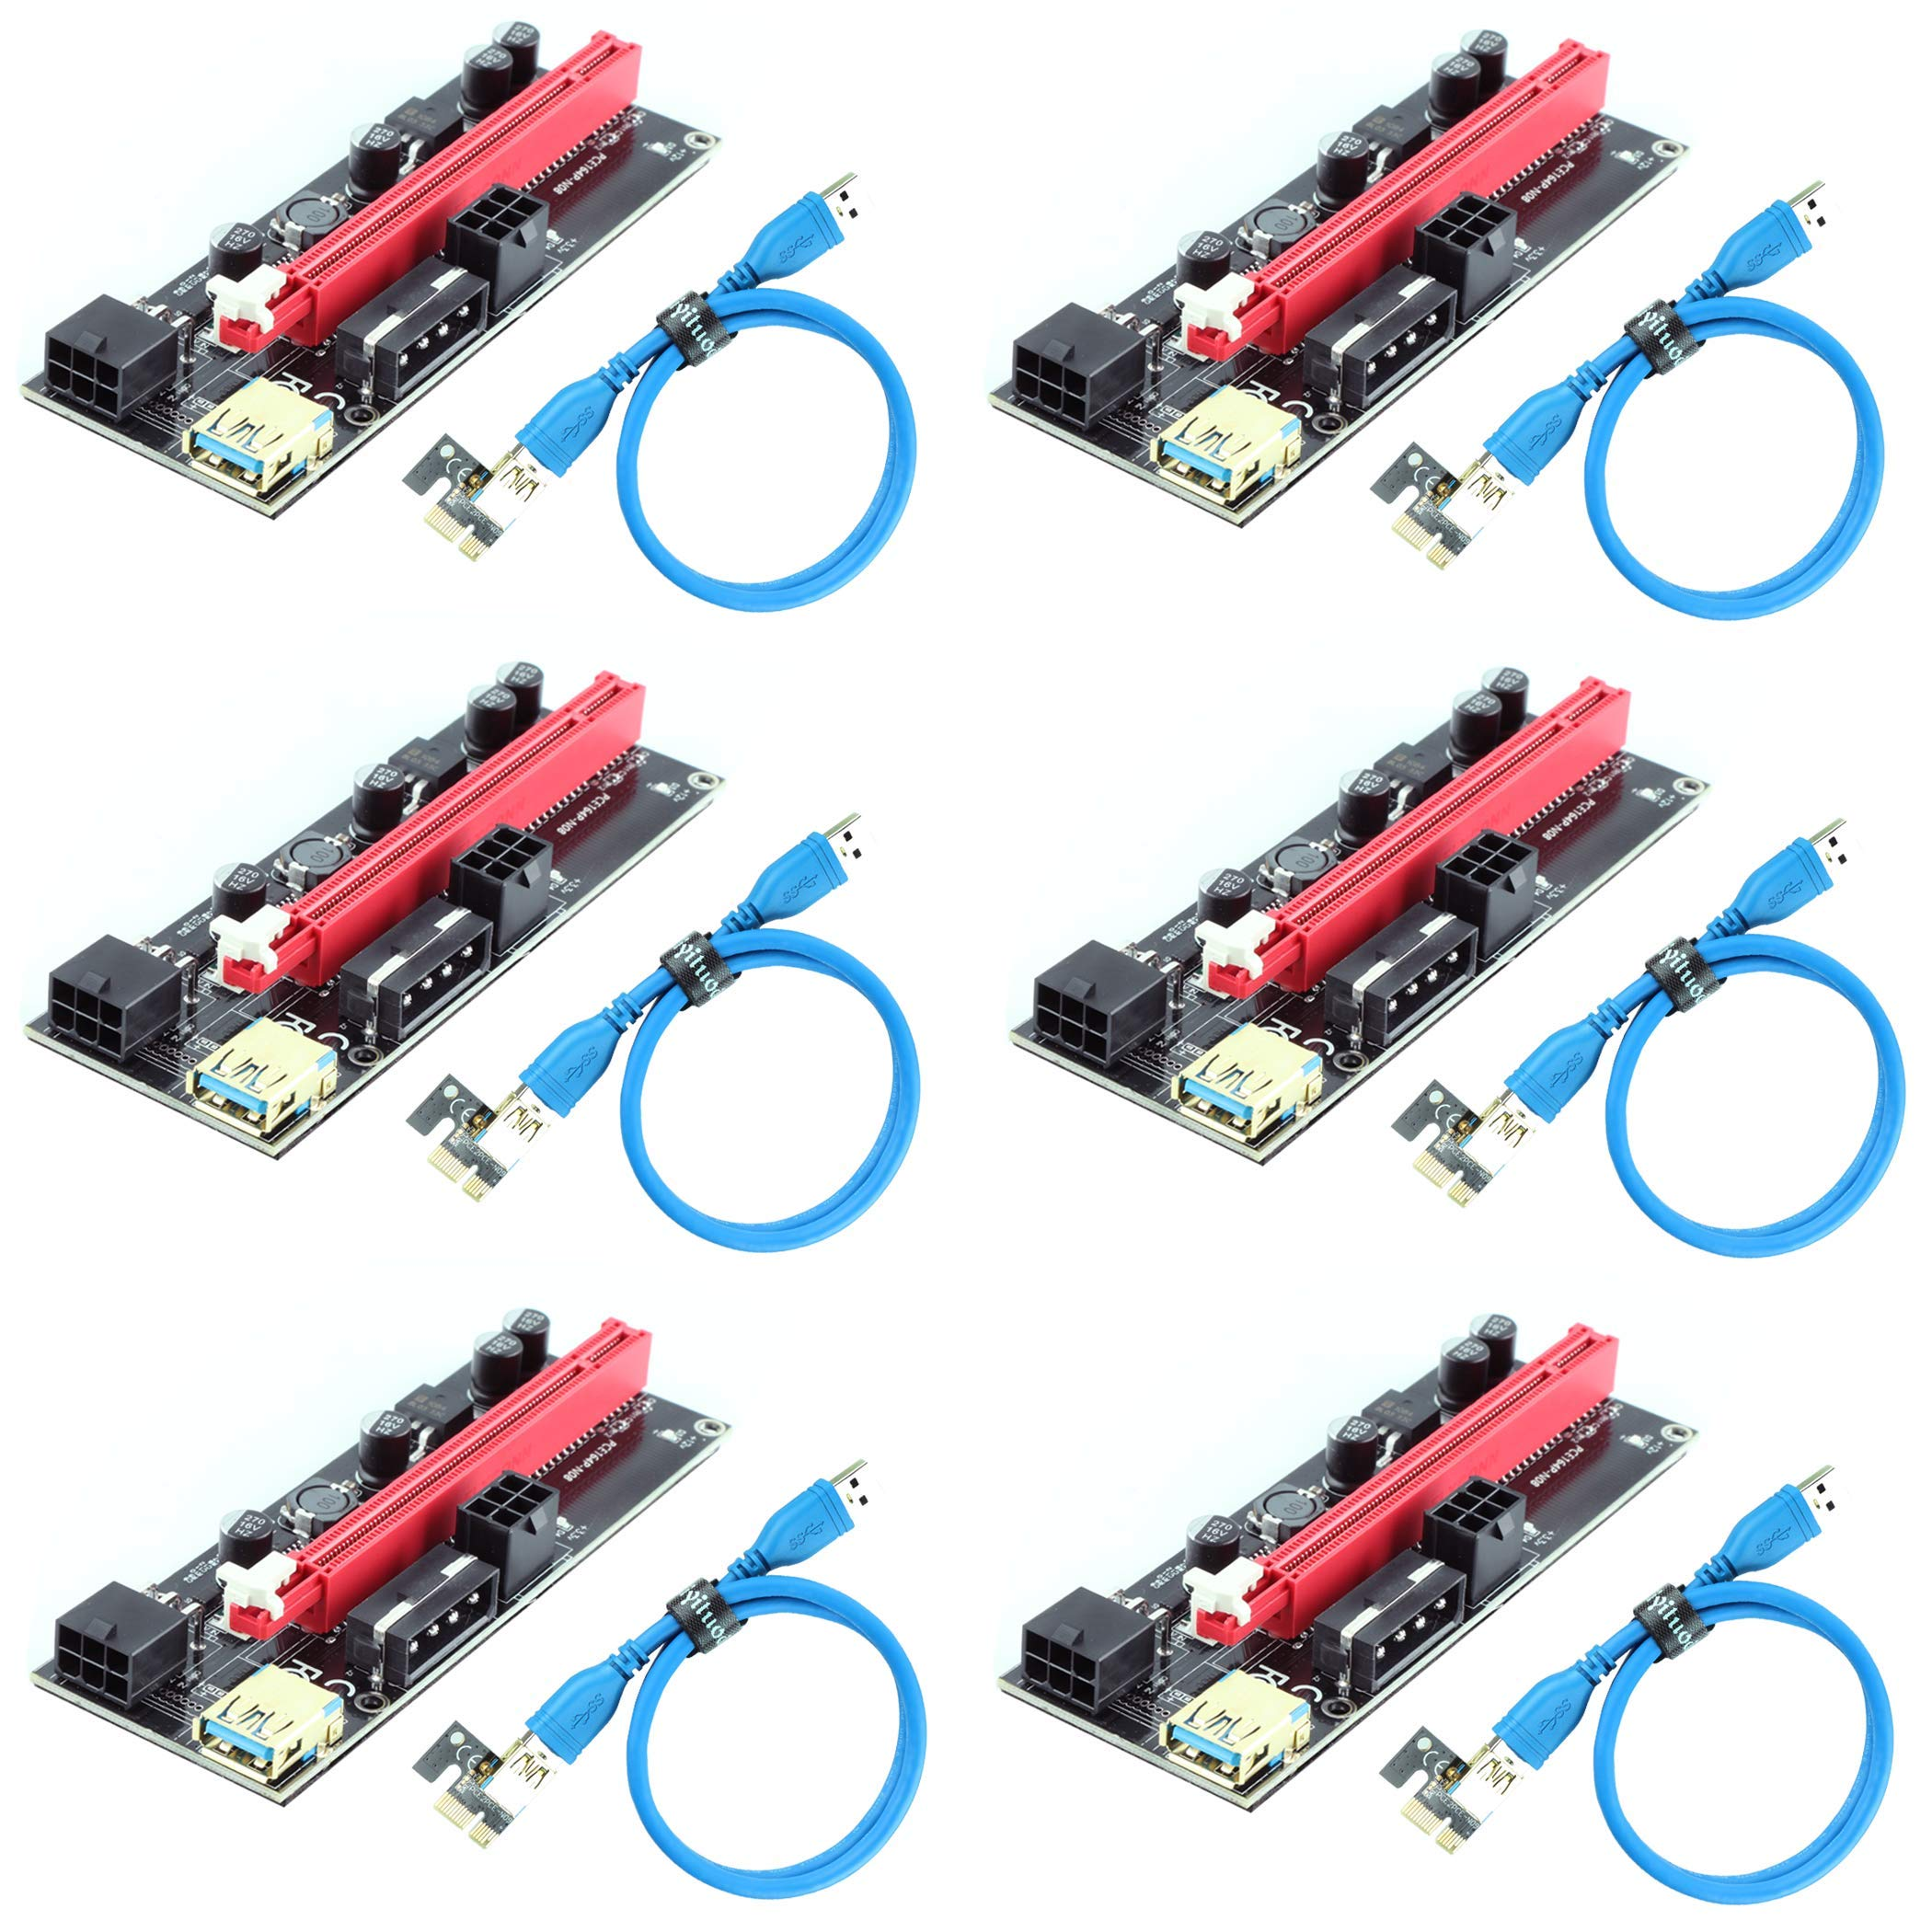 6 Pci-e Riser VER 009S Cripto mineria Con Cable Molex Ziyitu